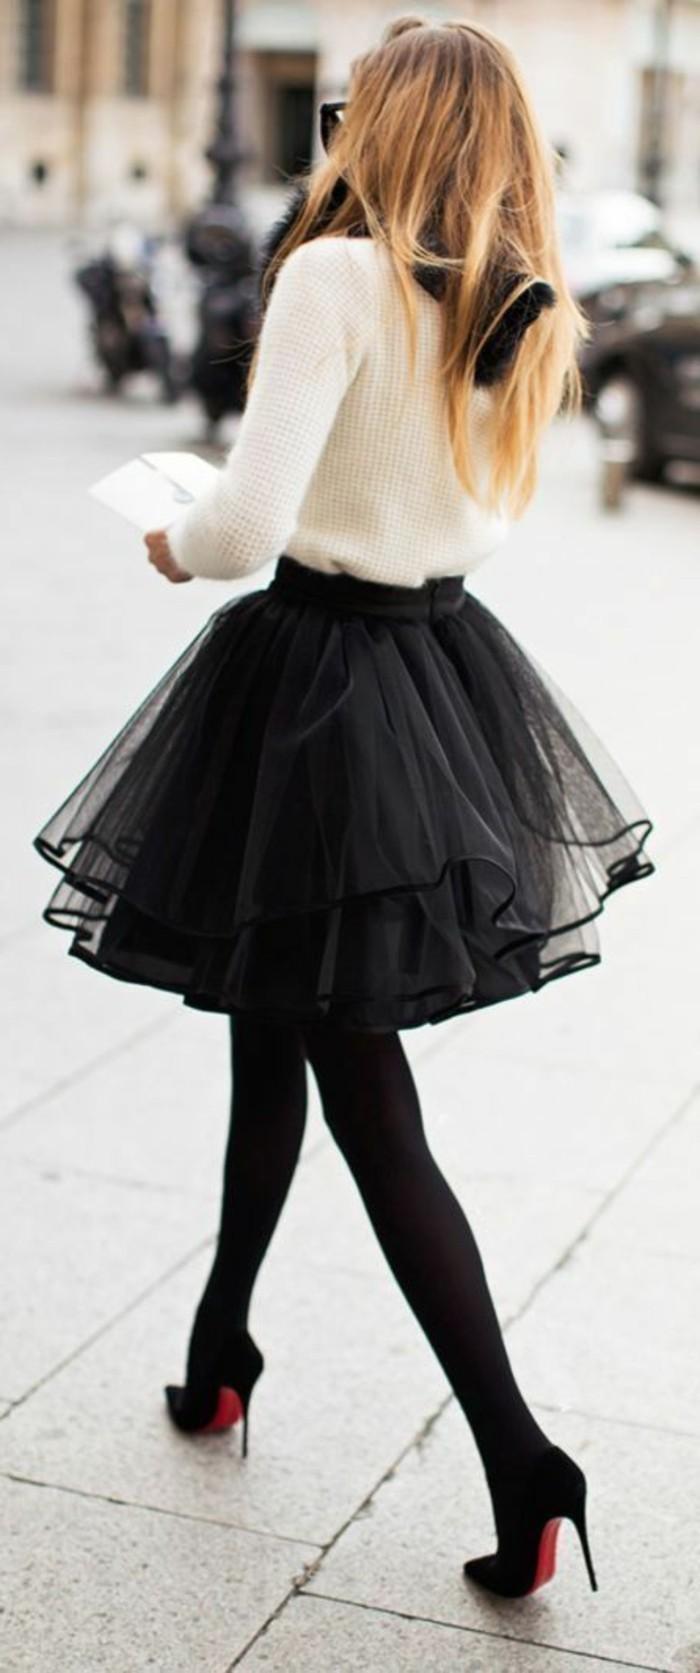 tutu-noir-femme-classy-jupe-corolle-et-talons-noirs